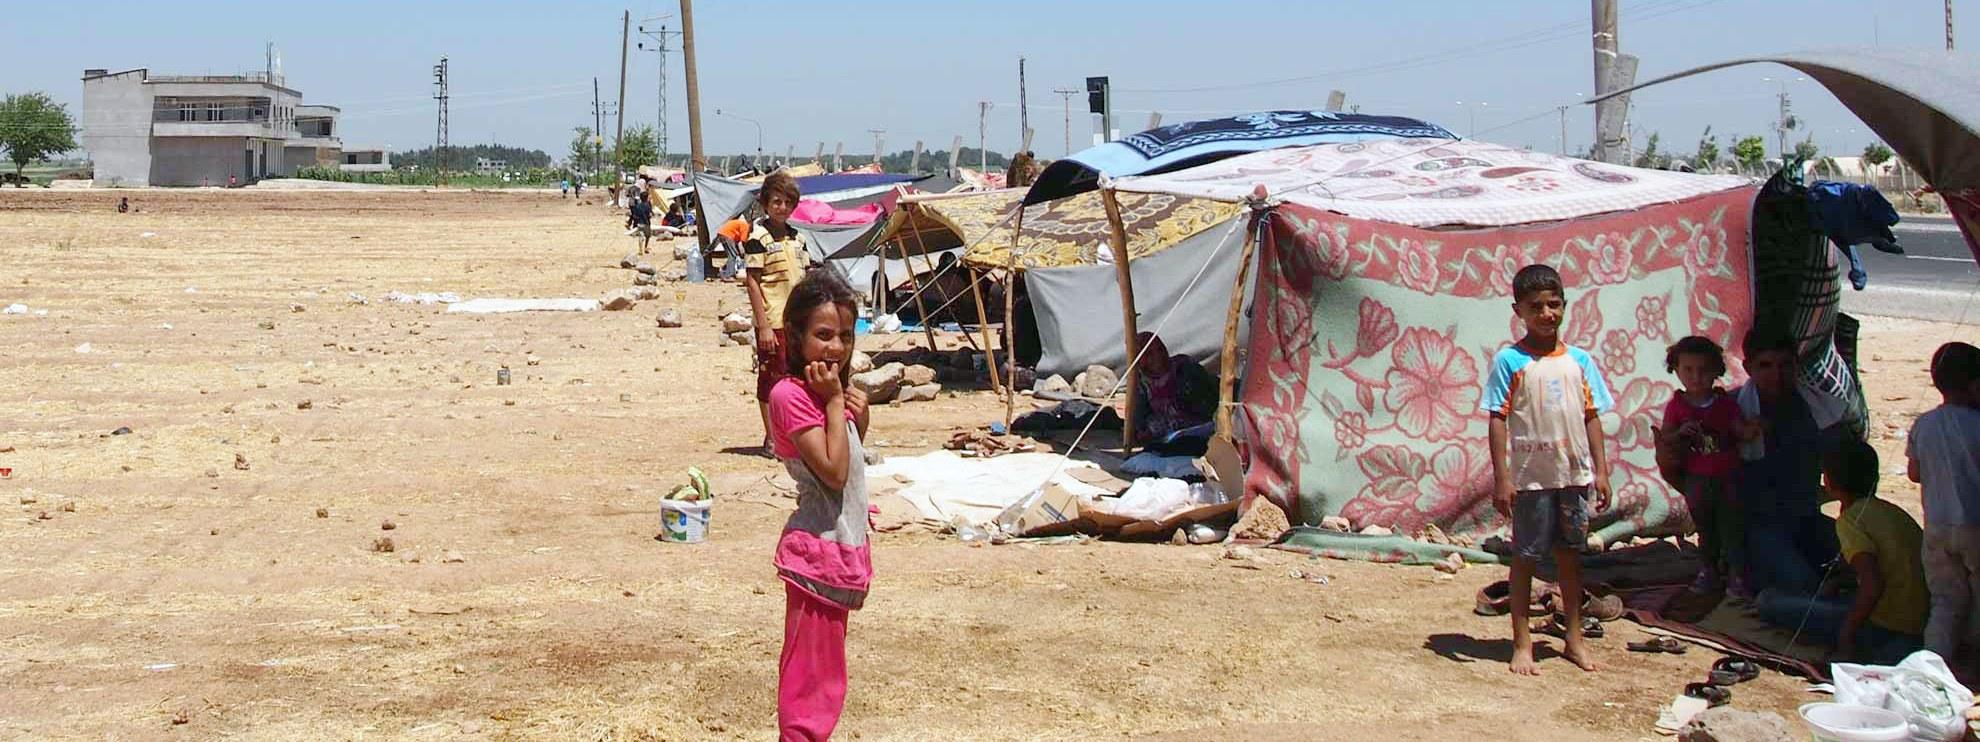 Le camp de réfugiés à Mosul / Iraq, mai 2017. © Magnum Photo / Amnesty International